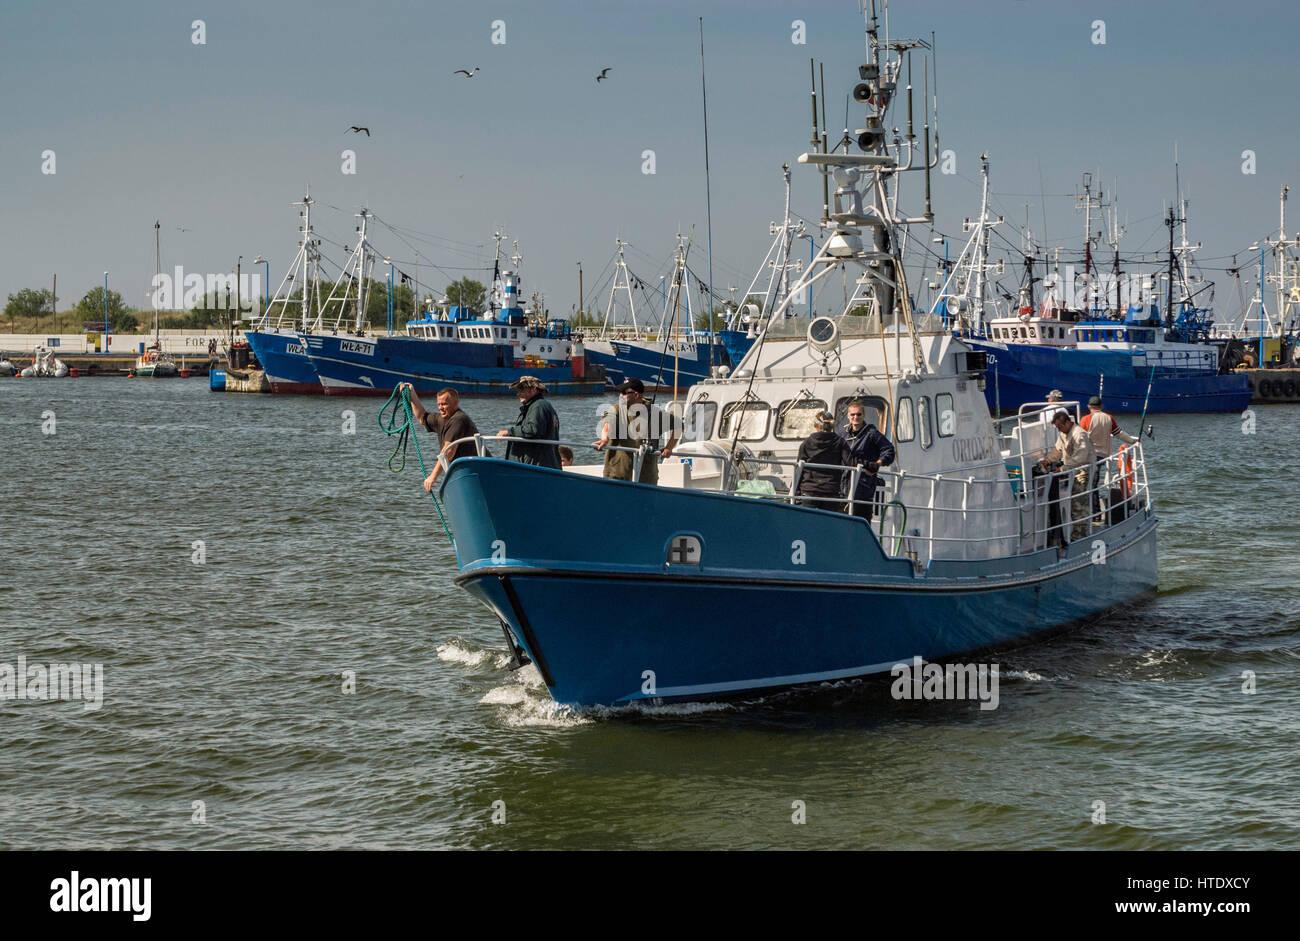 Arrastrero de recreo en el puerto de Wladyslawowo, Pomerania, Polonia Foto de stock